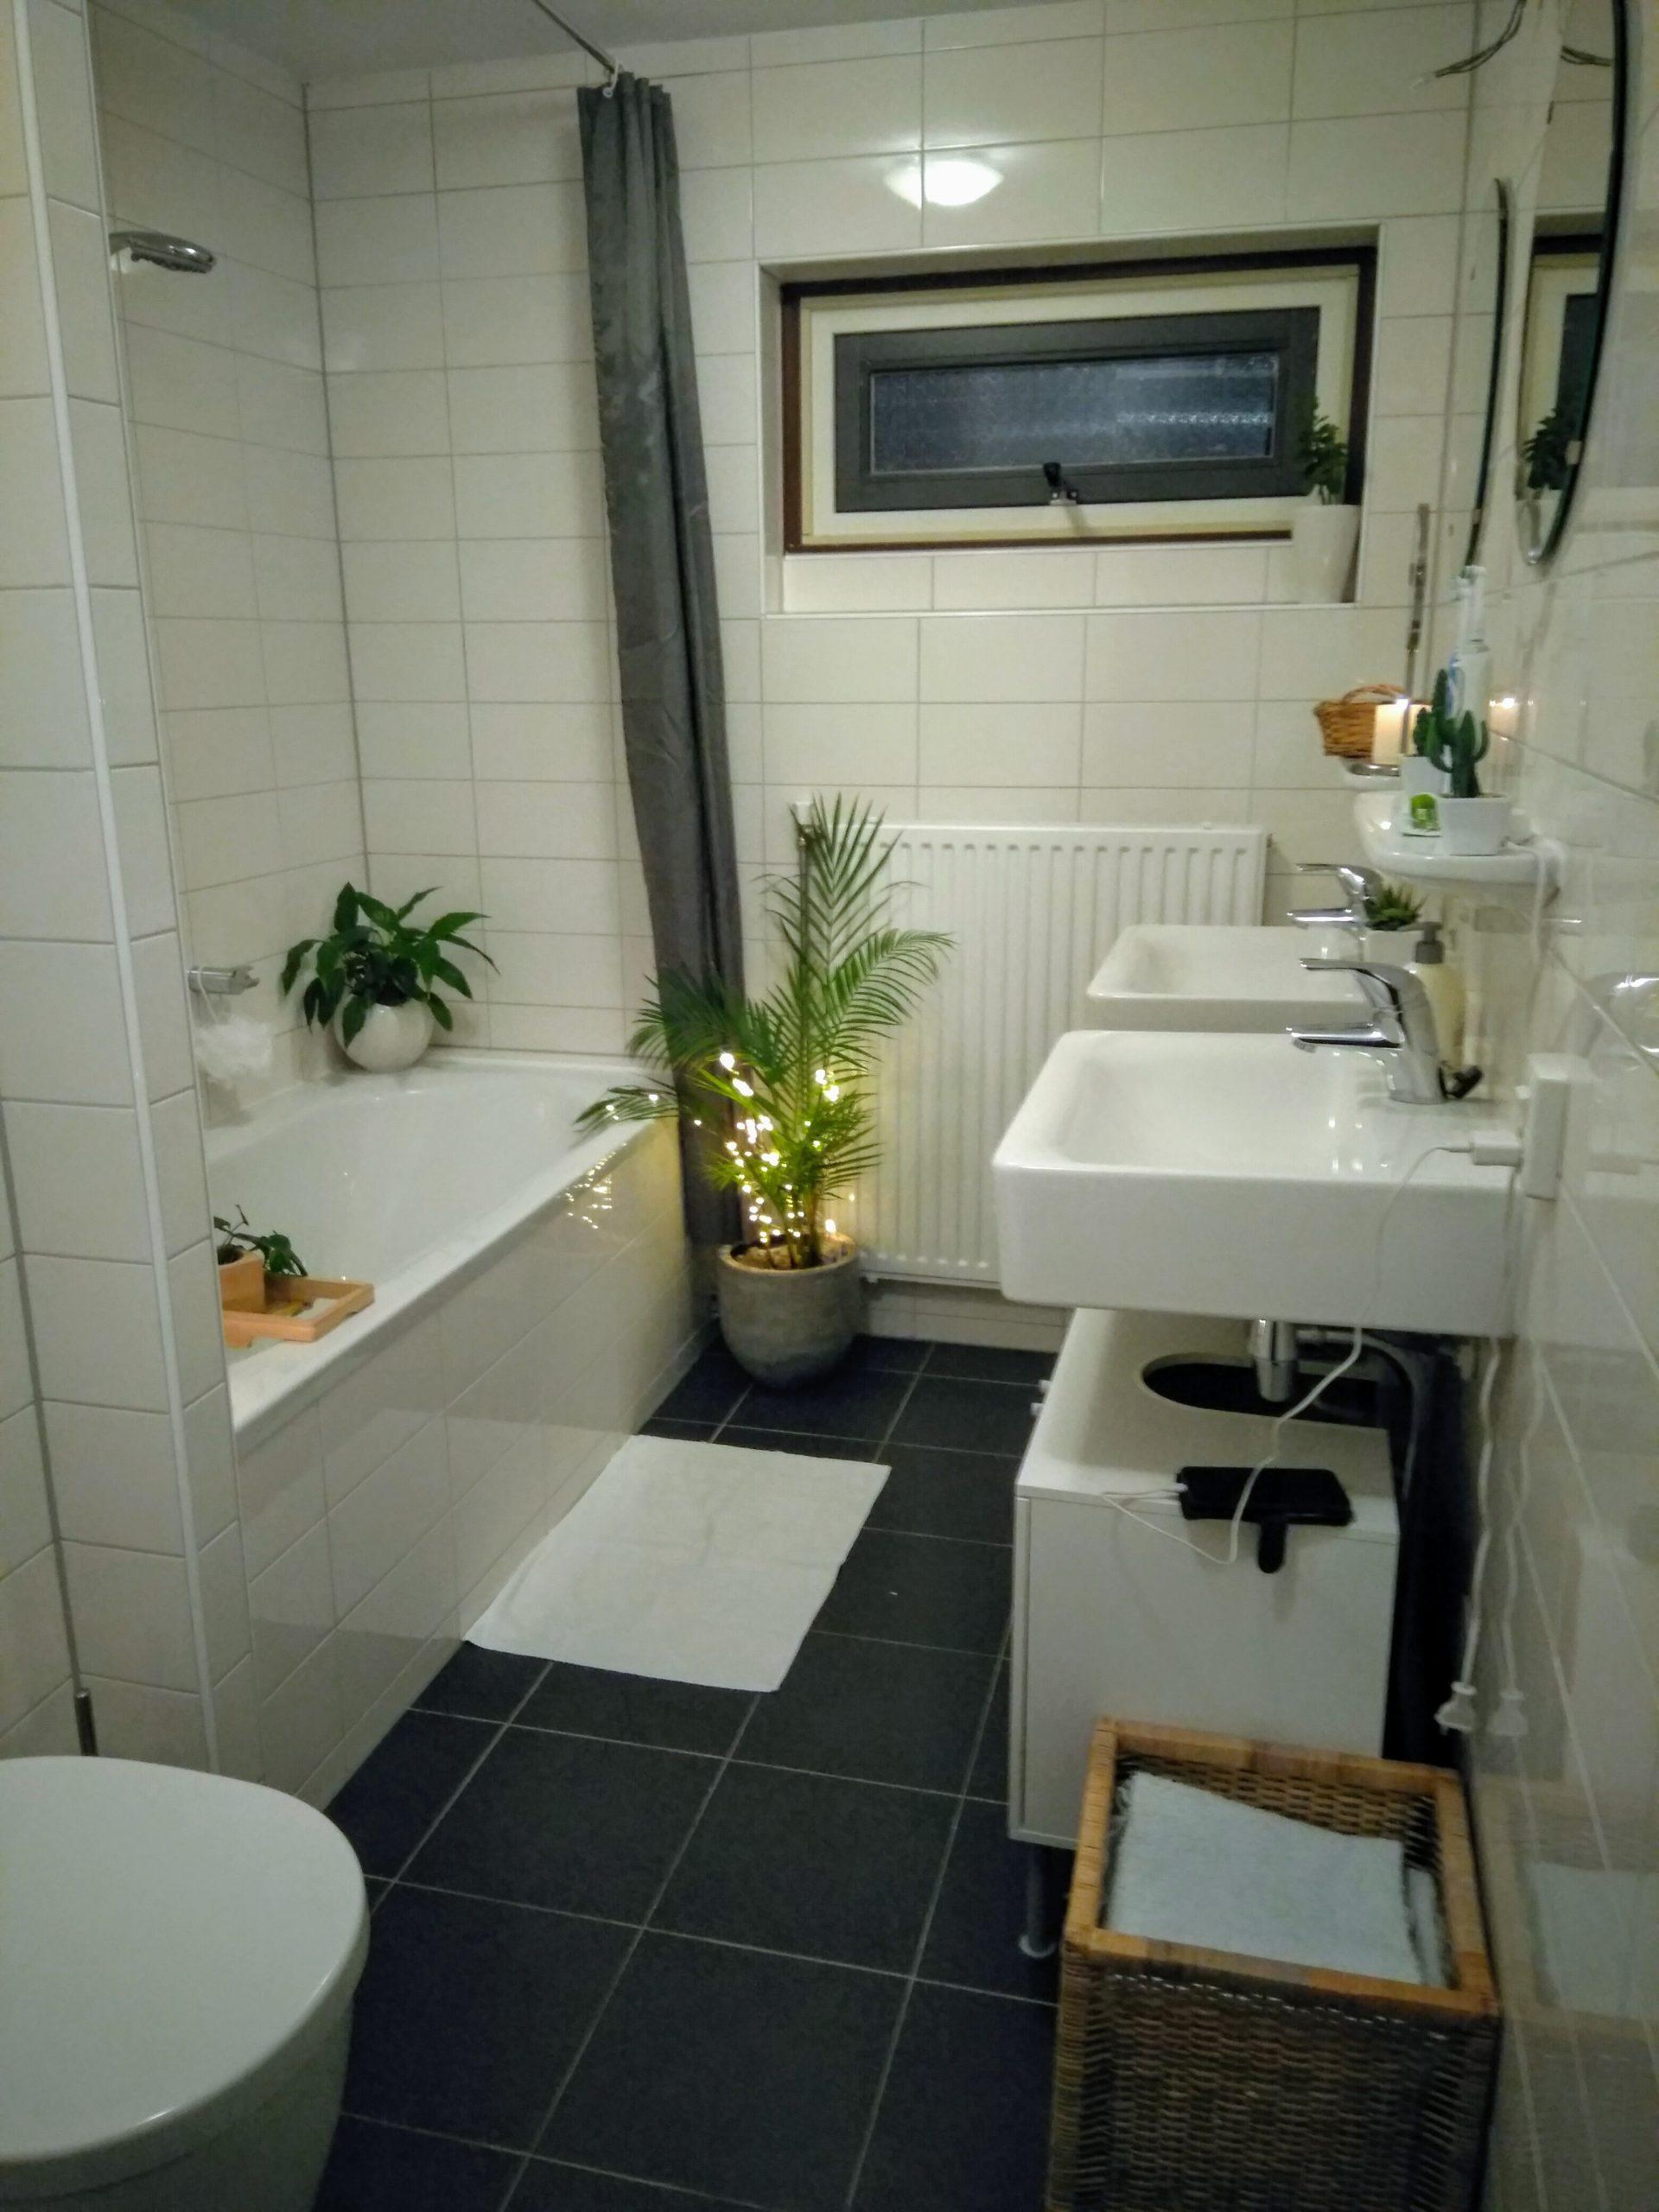 Badkamer veilig inrichten voor het hele gezin